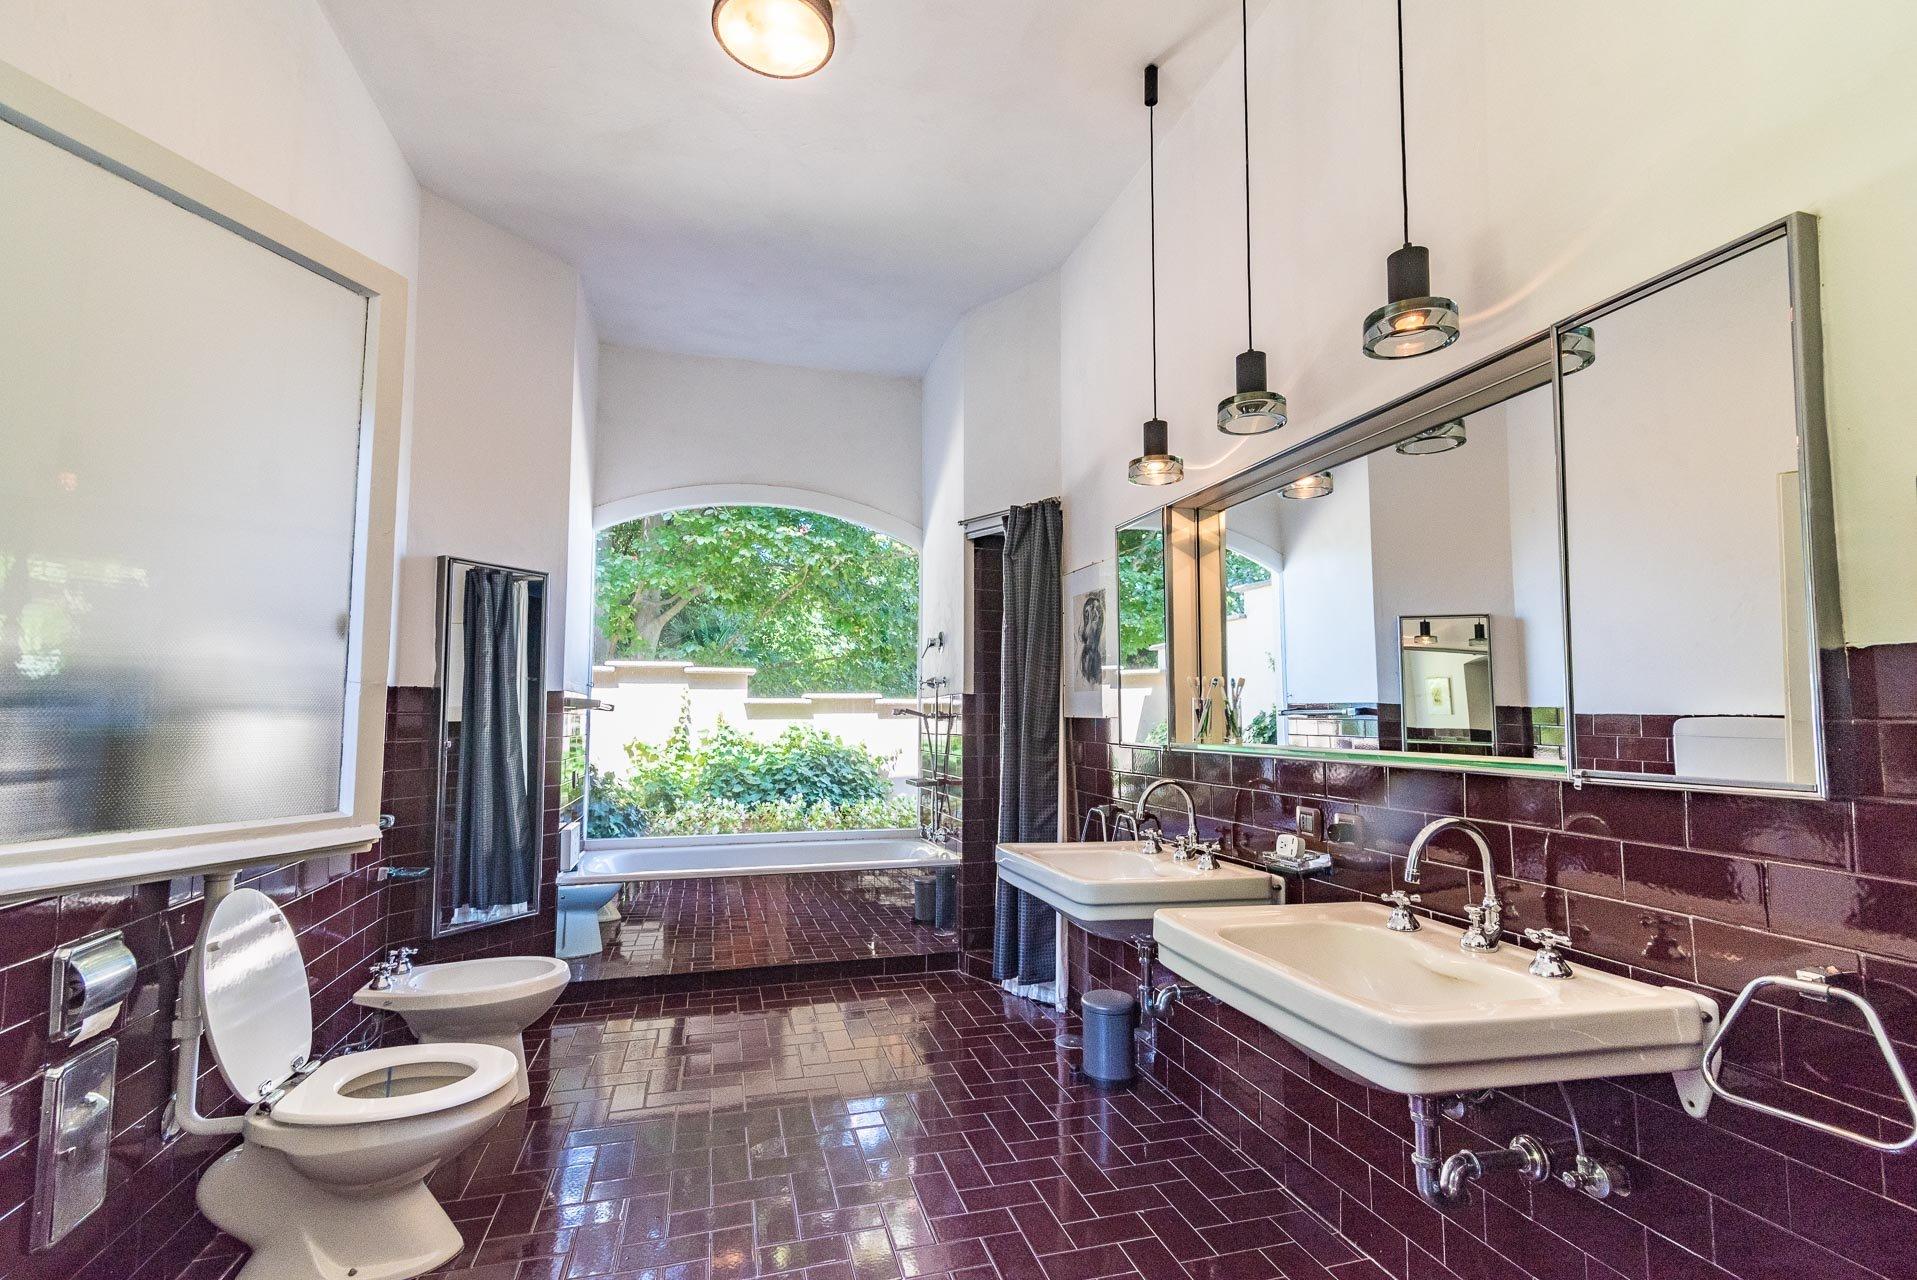 Elegant lake view villa for sale in Stresa - bathroom